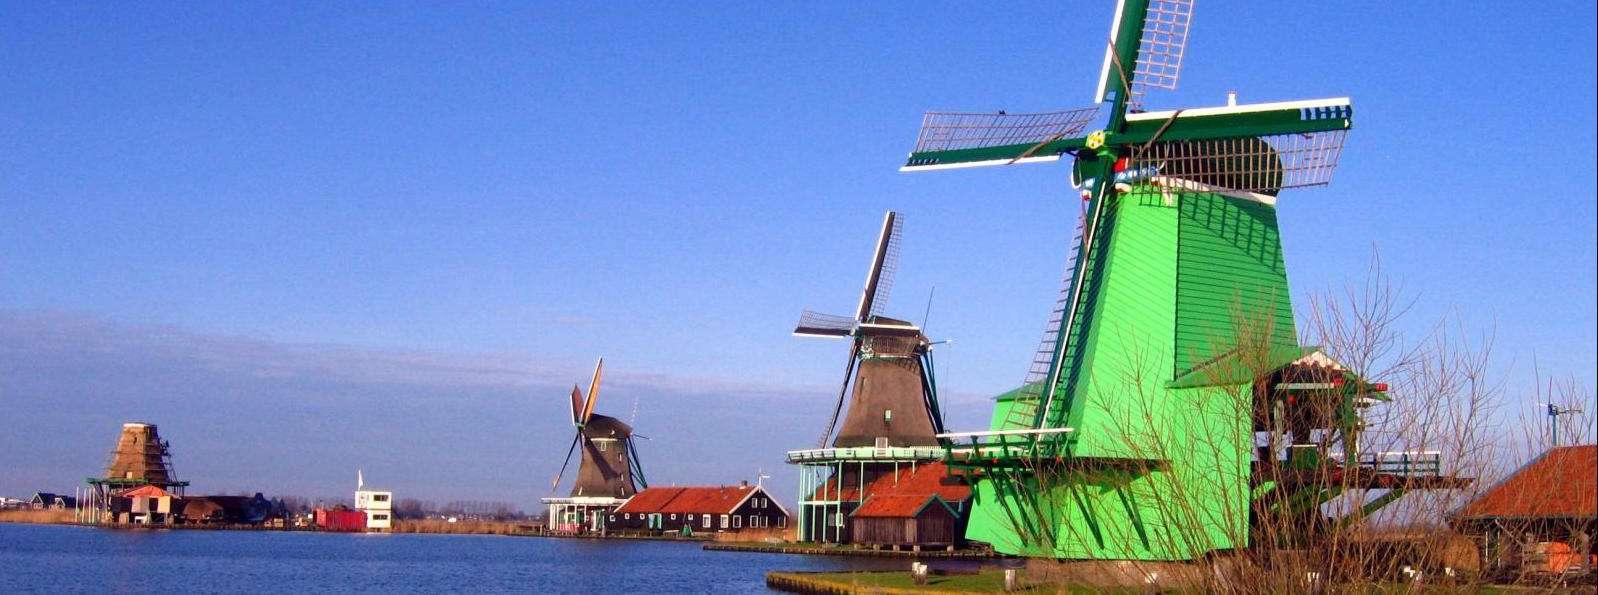 Profiter du confort, du luxe et d'une visite au Zaanse Schans